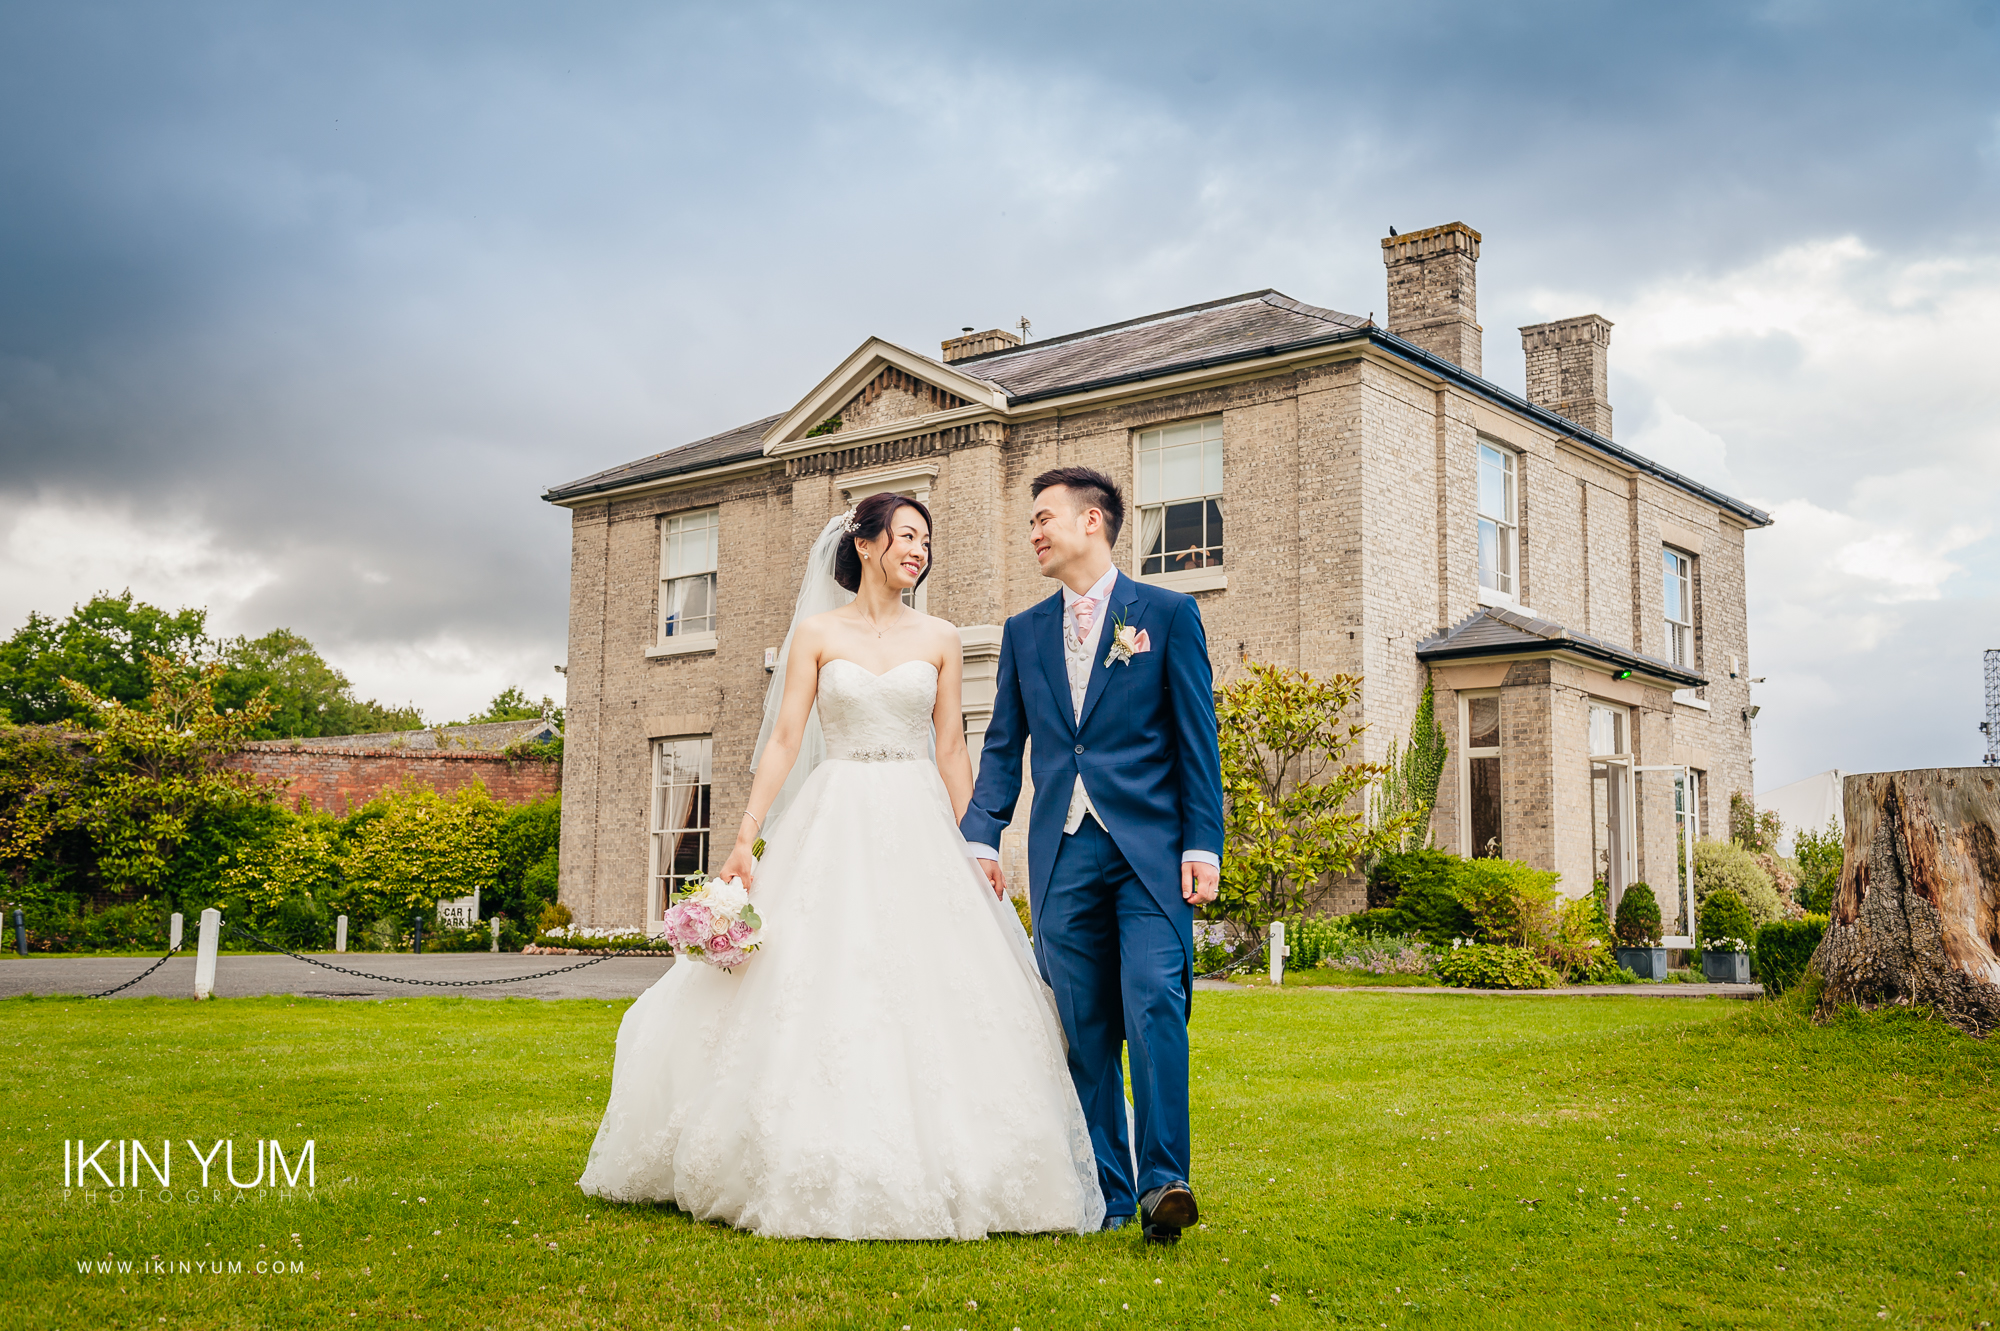 Sylvianne & Chun Wedding Day - Ikin Yum Photography-097.jpg